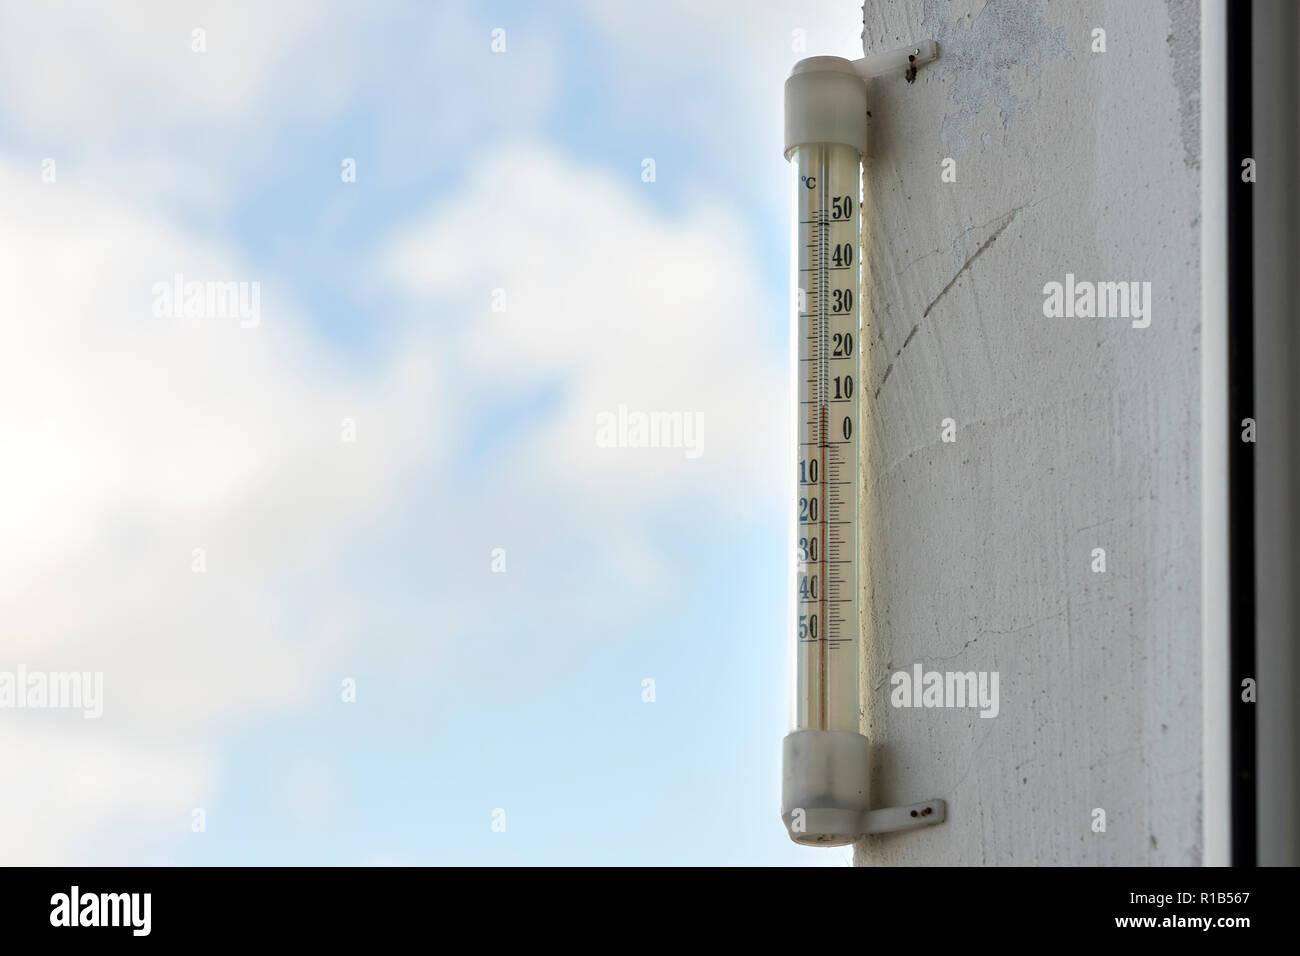 Enduit Blanc Mur Exterieur l'alcool traditionnel thermomètre de verre celsius attaché à